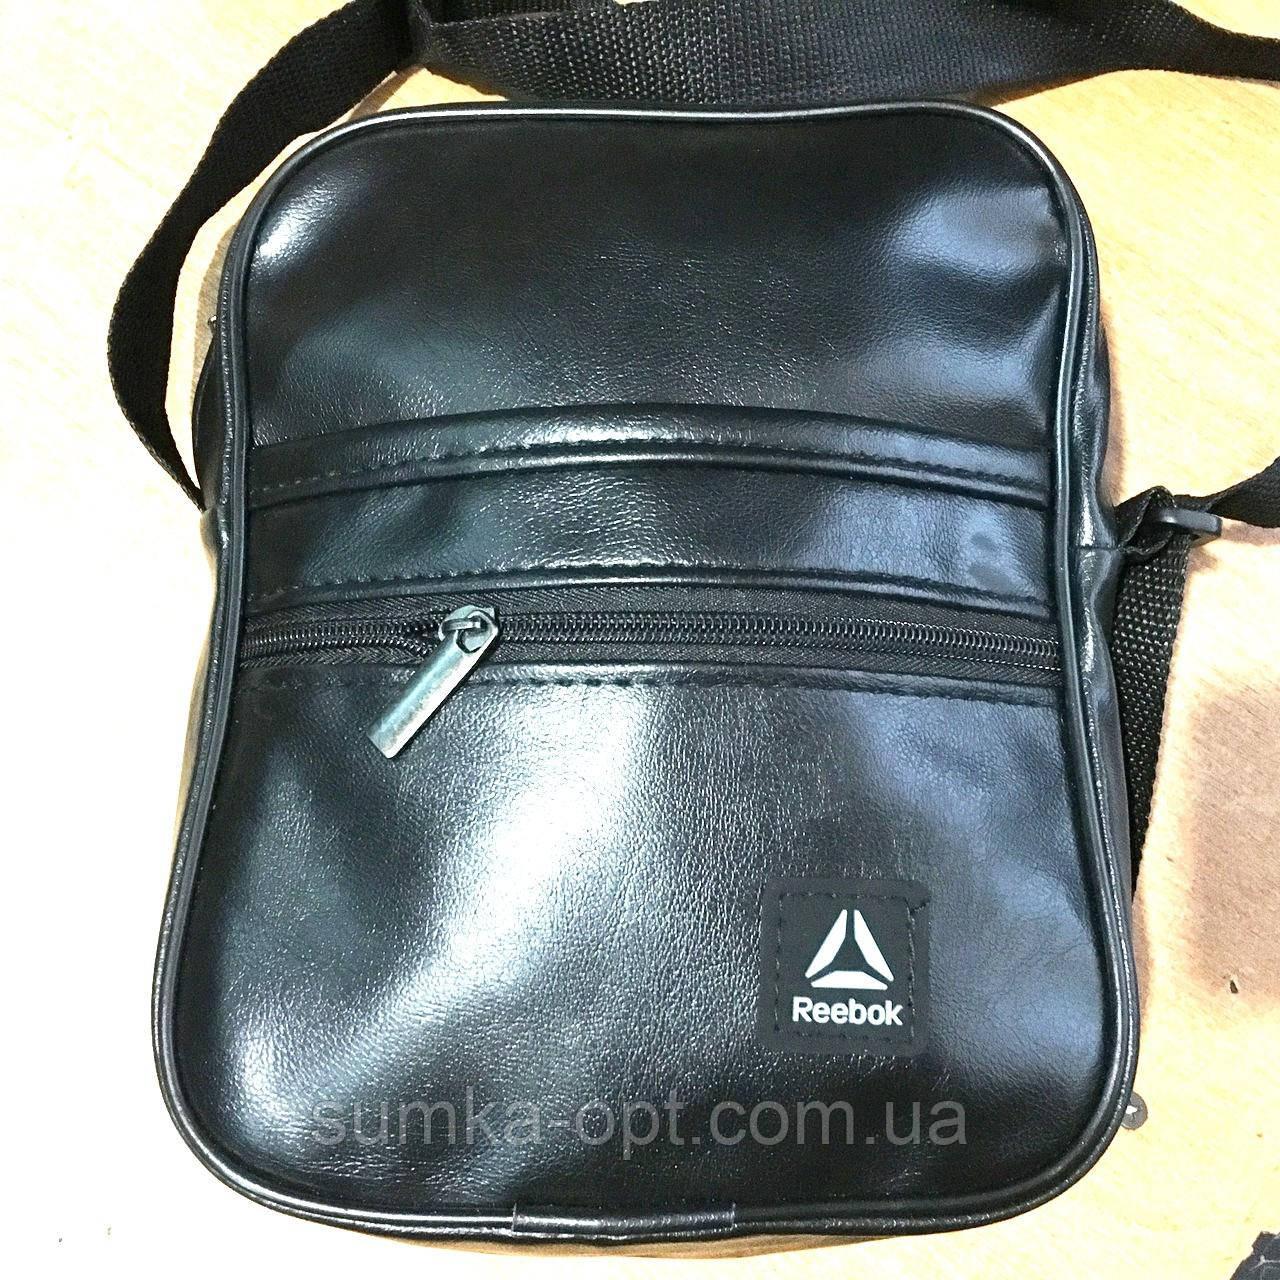 Спортивні барсетки ReaBook (чорний)19*23см